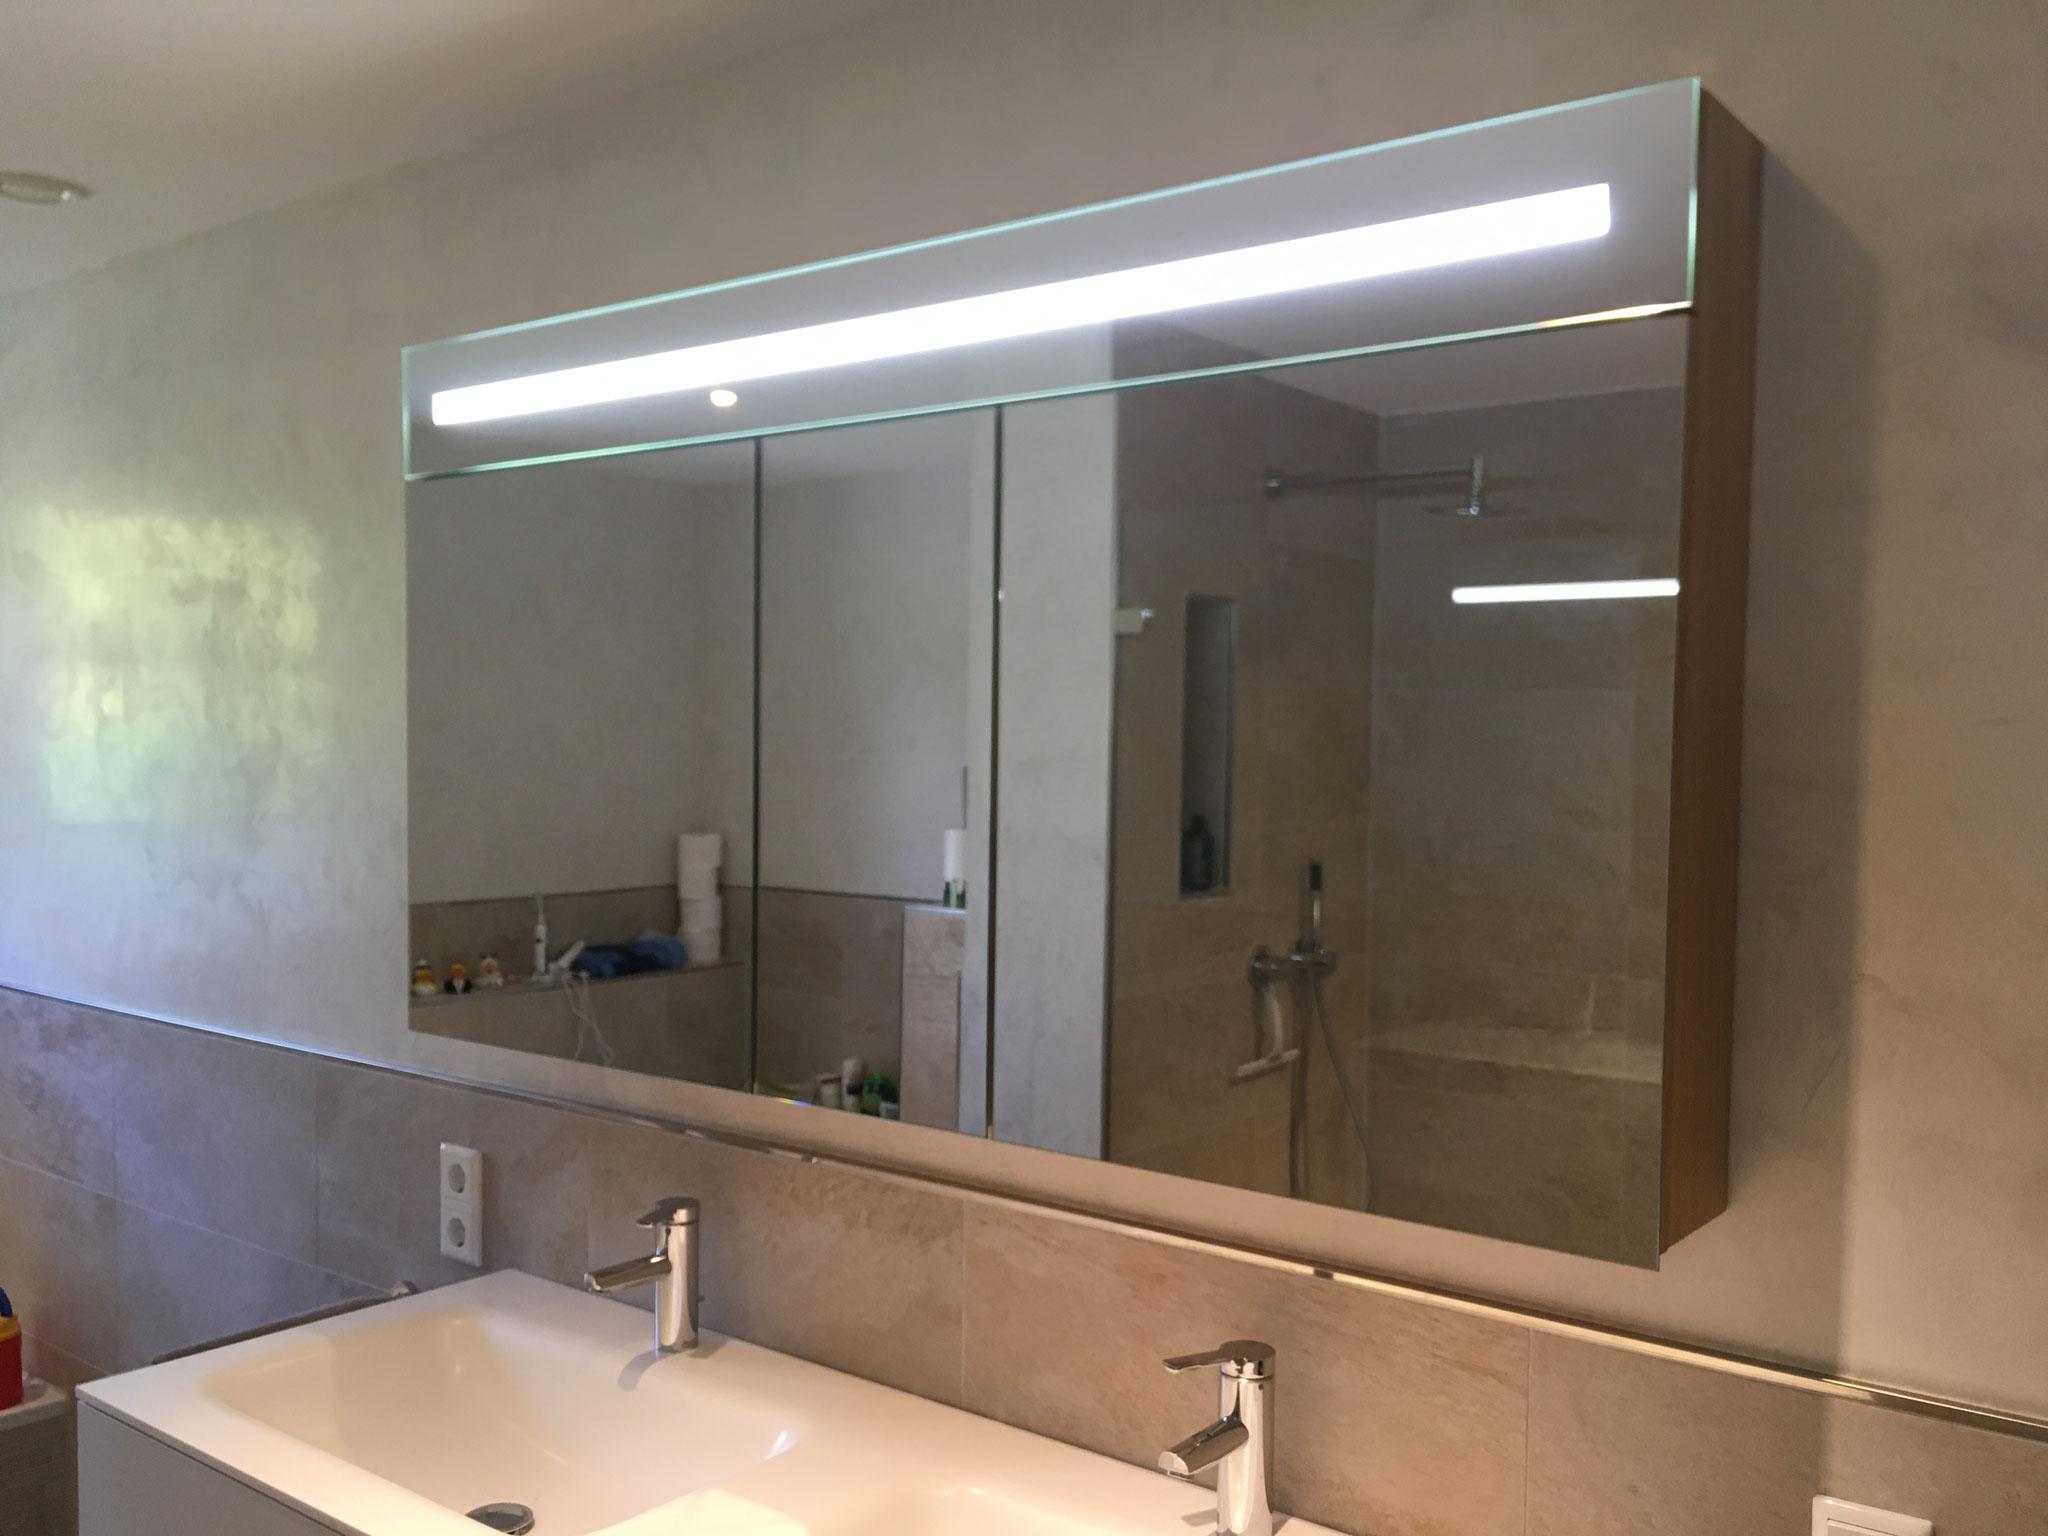 Spiegelschrank aus Eiche mit integrierter Beleuchtung